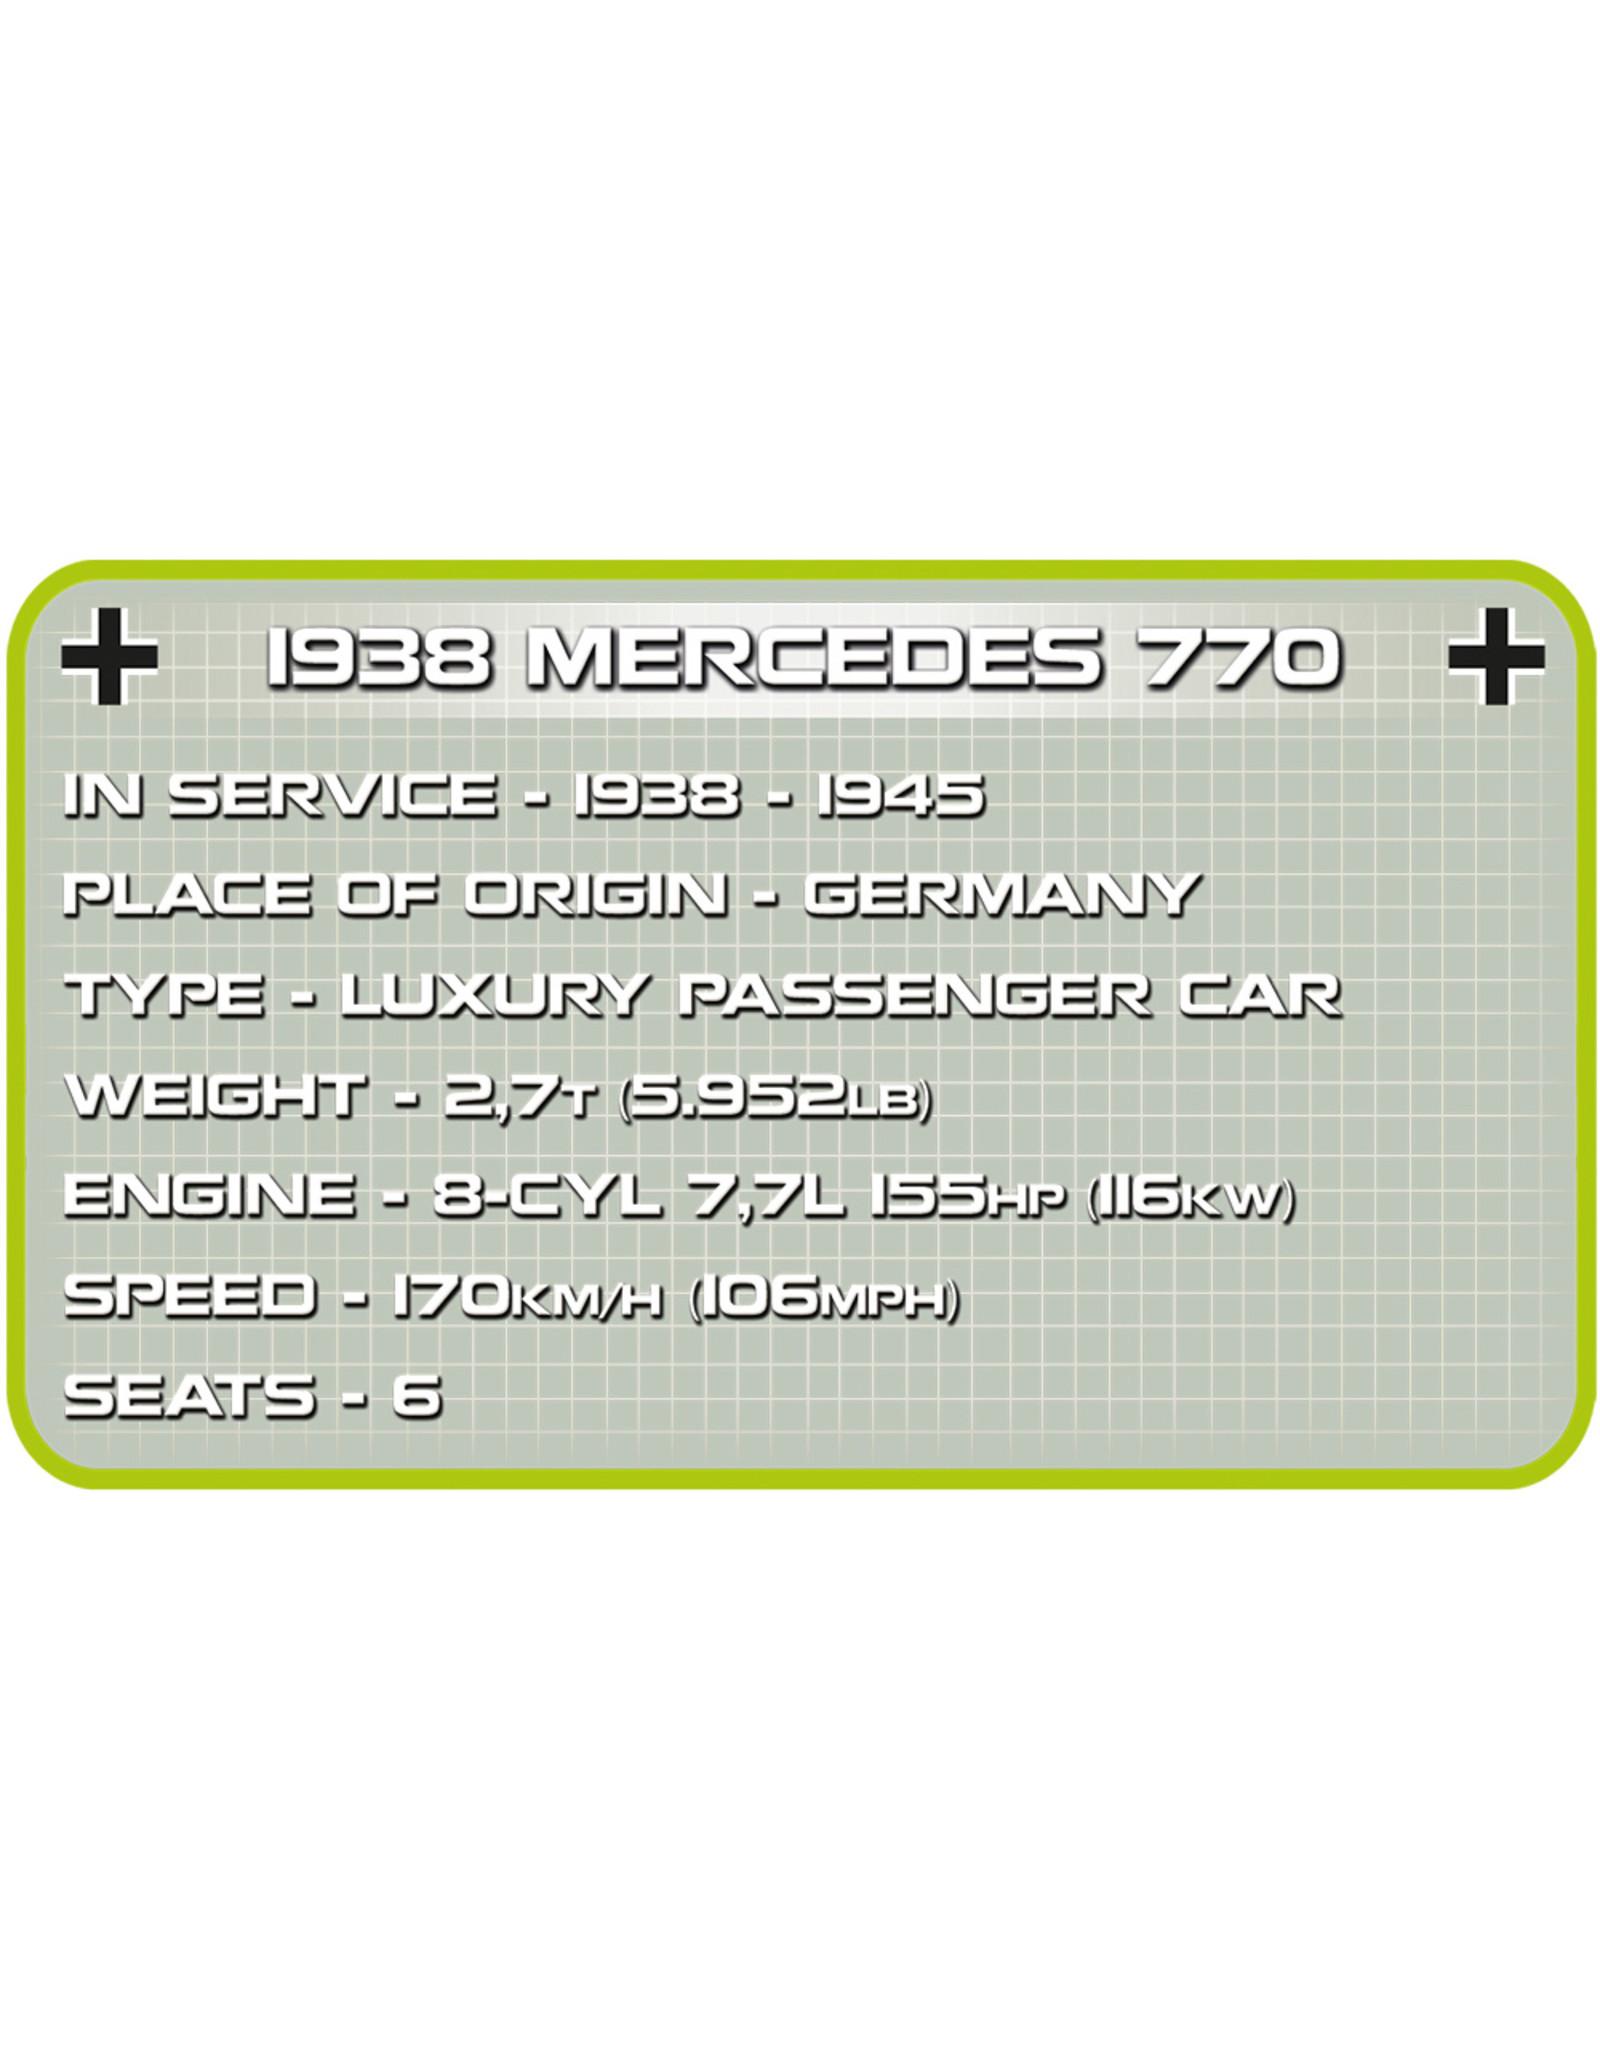 COBI COBI  2407 1938 Mercedes 770